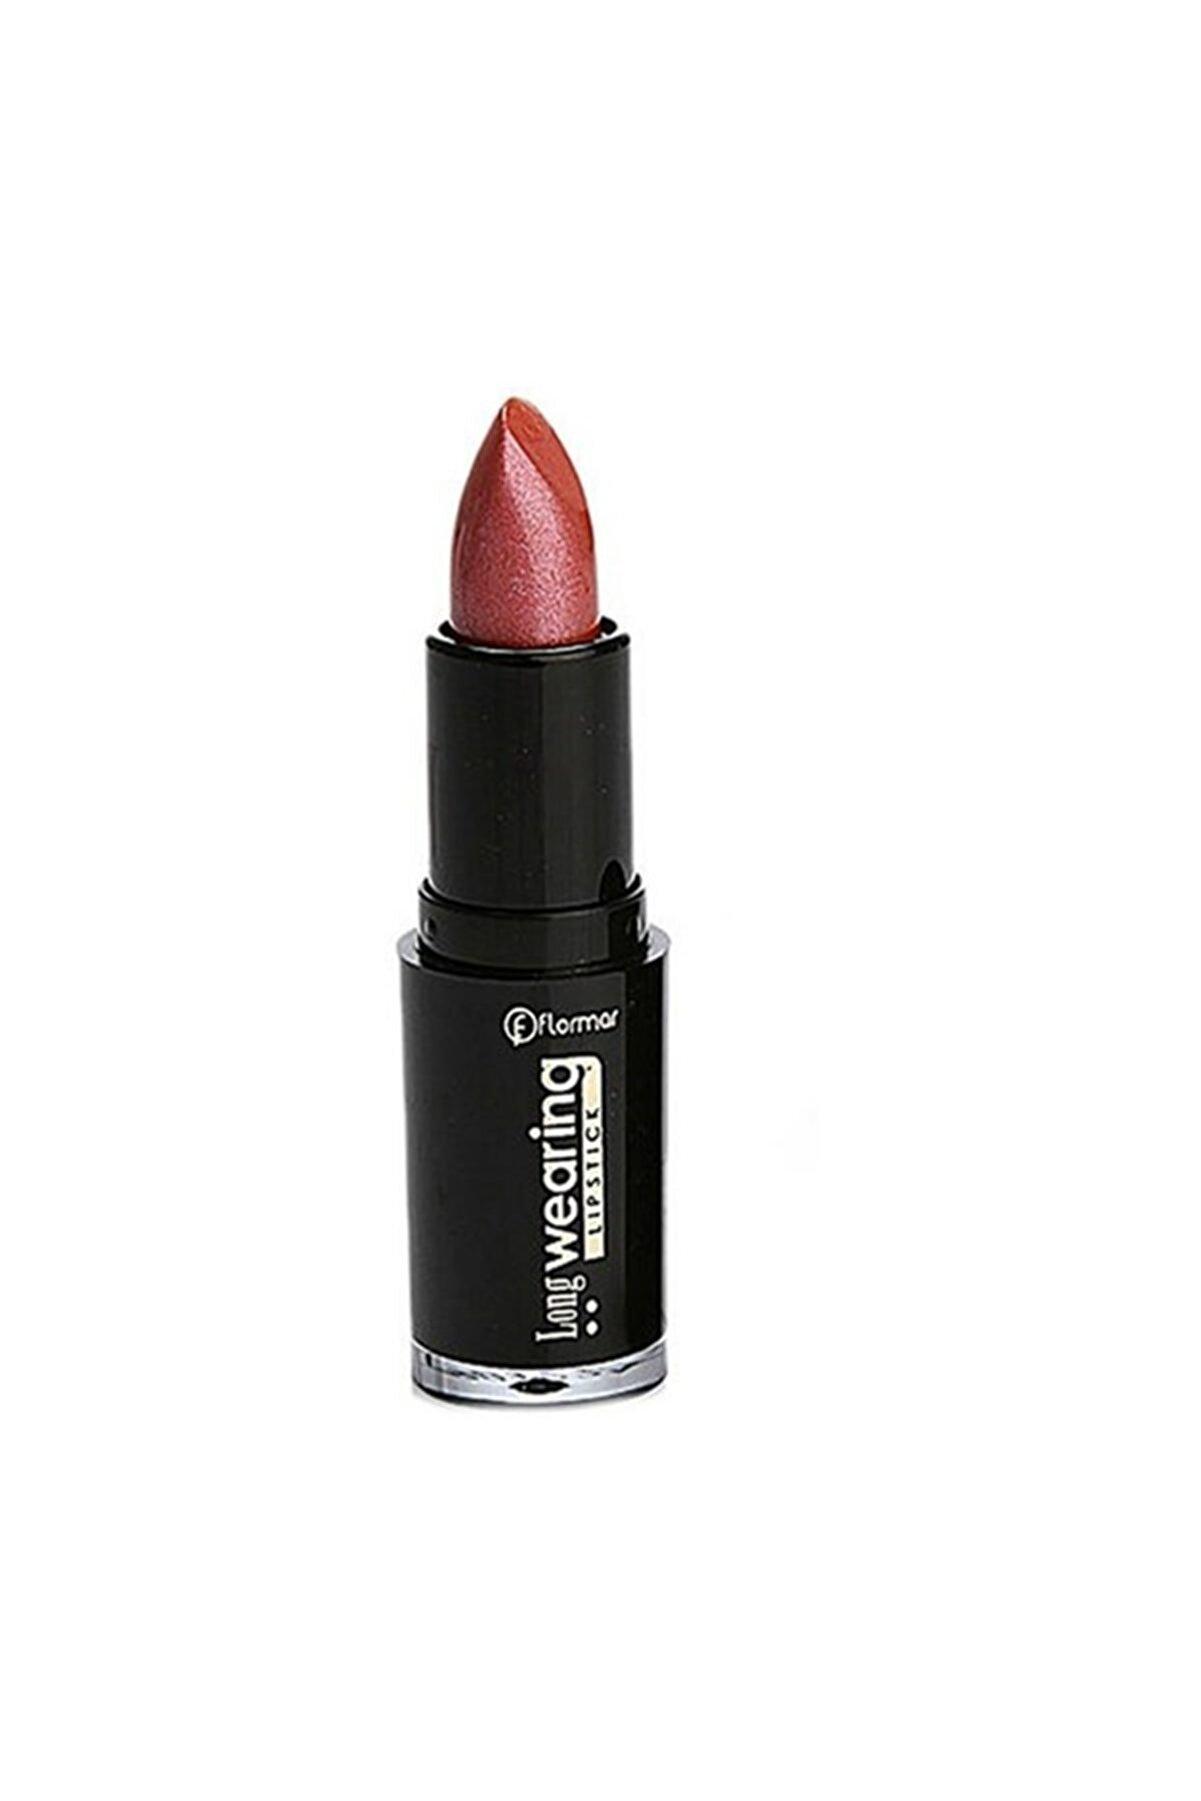 Flormar Ruj - Long Wearing Lipstick Glittery Rose L29 8690604138326